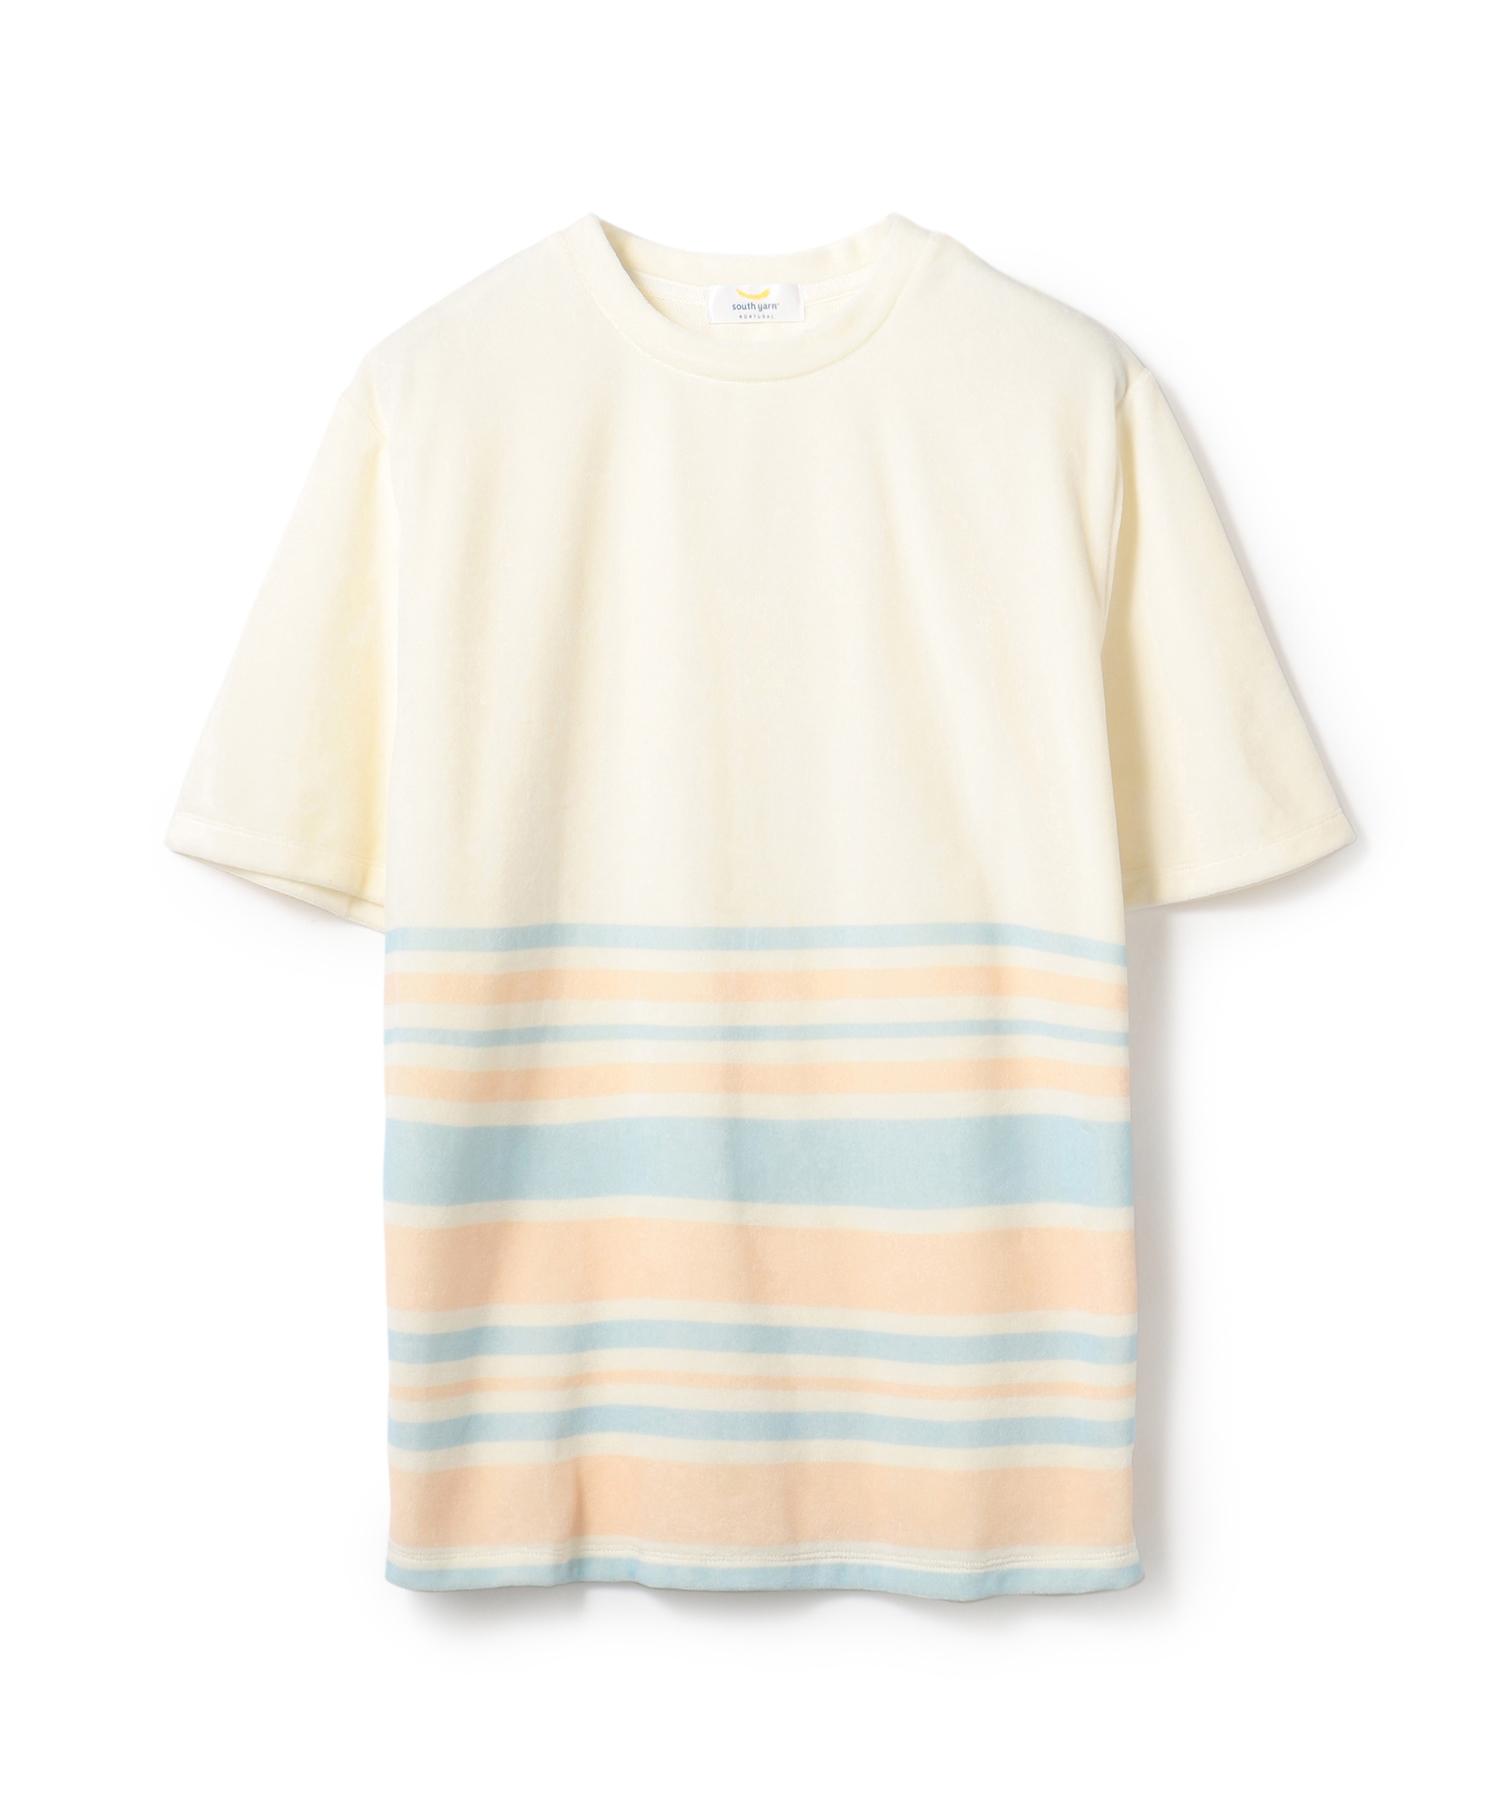 SOUTH YERN / ハーフマルチボーダー パイルTシャツ《ESTNATION EXCLUSIVE》